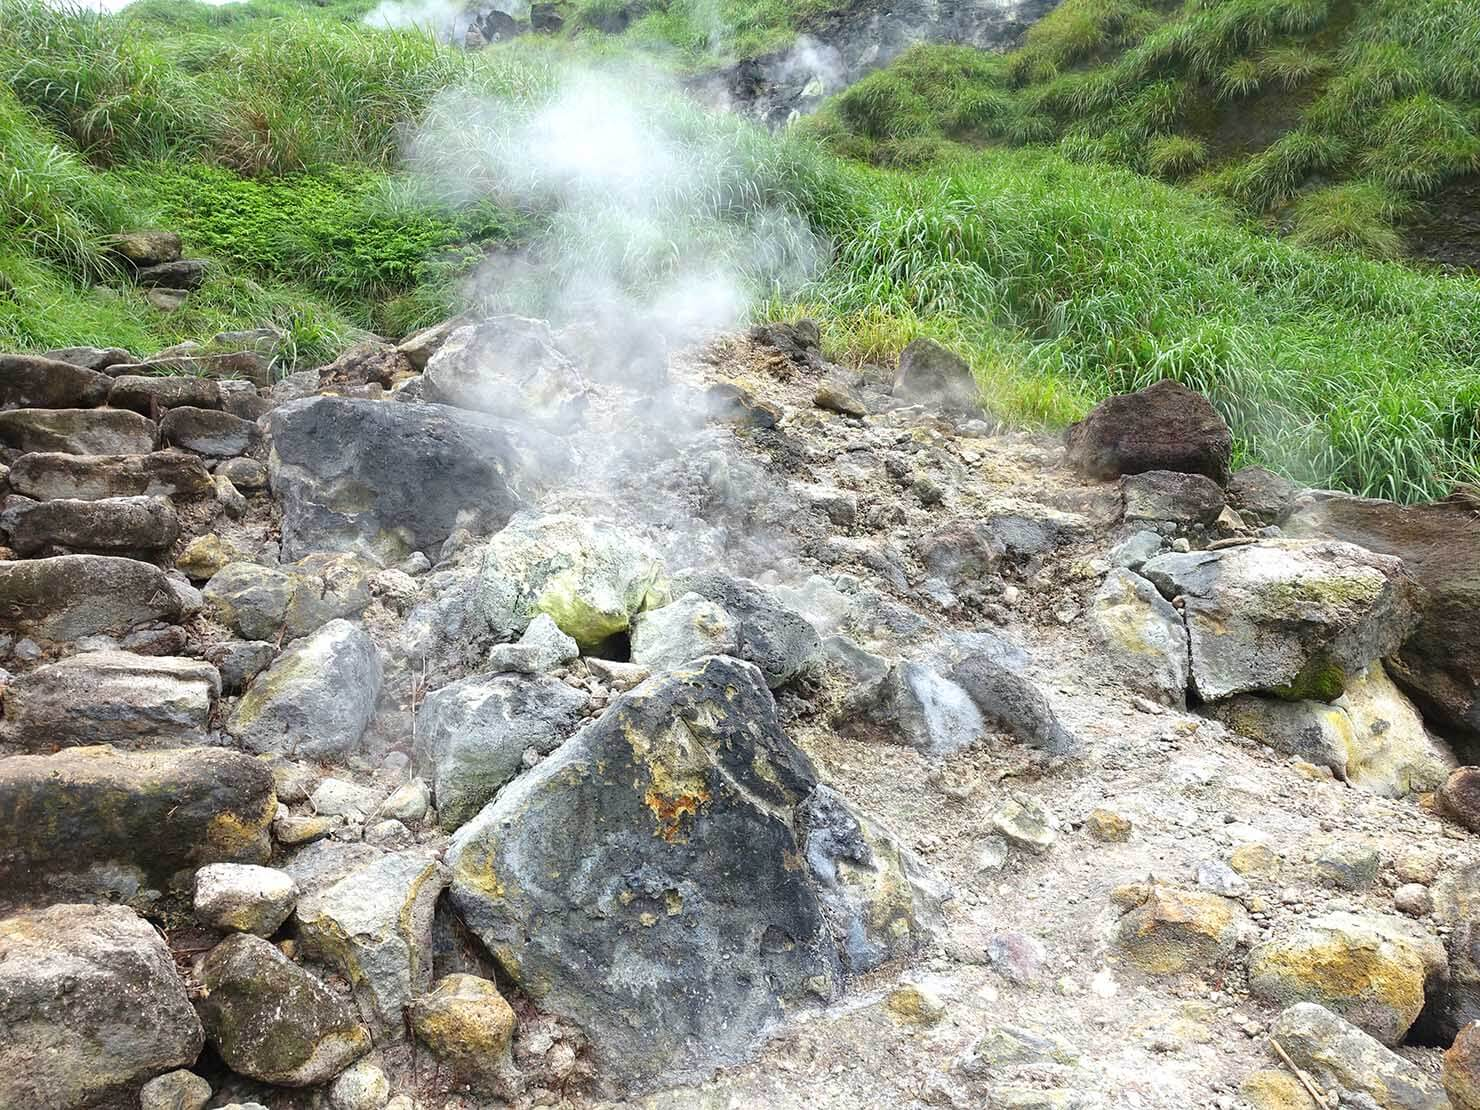 台北最高峰・七星山への登山歩道沿道に吹き出す蒸気